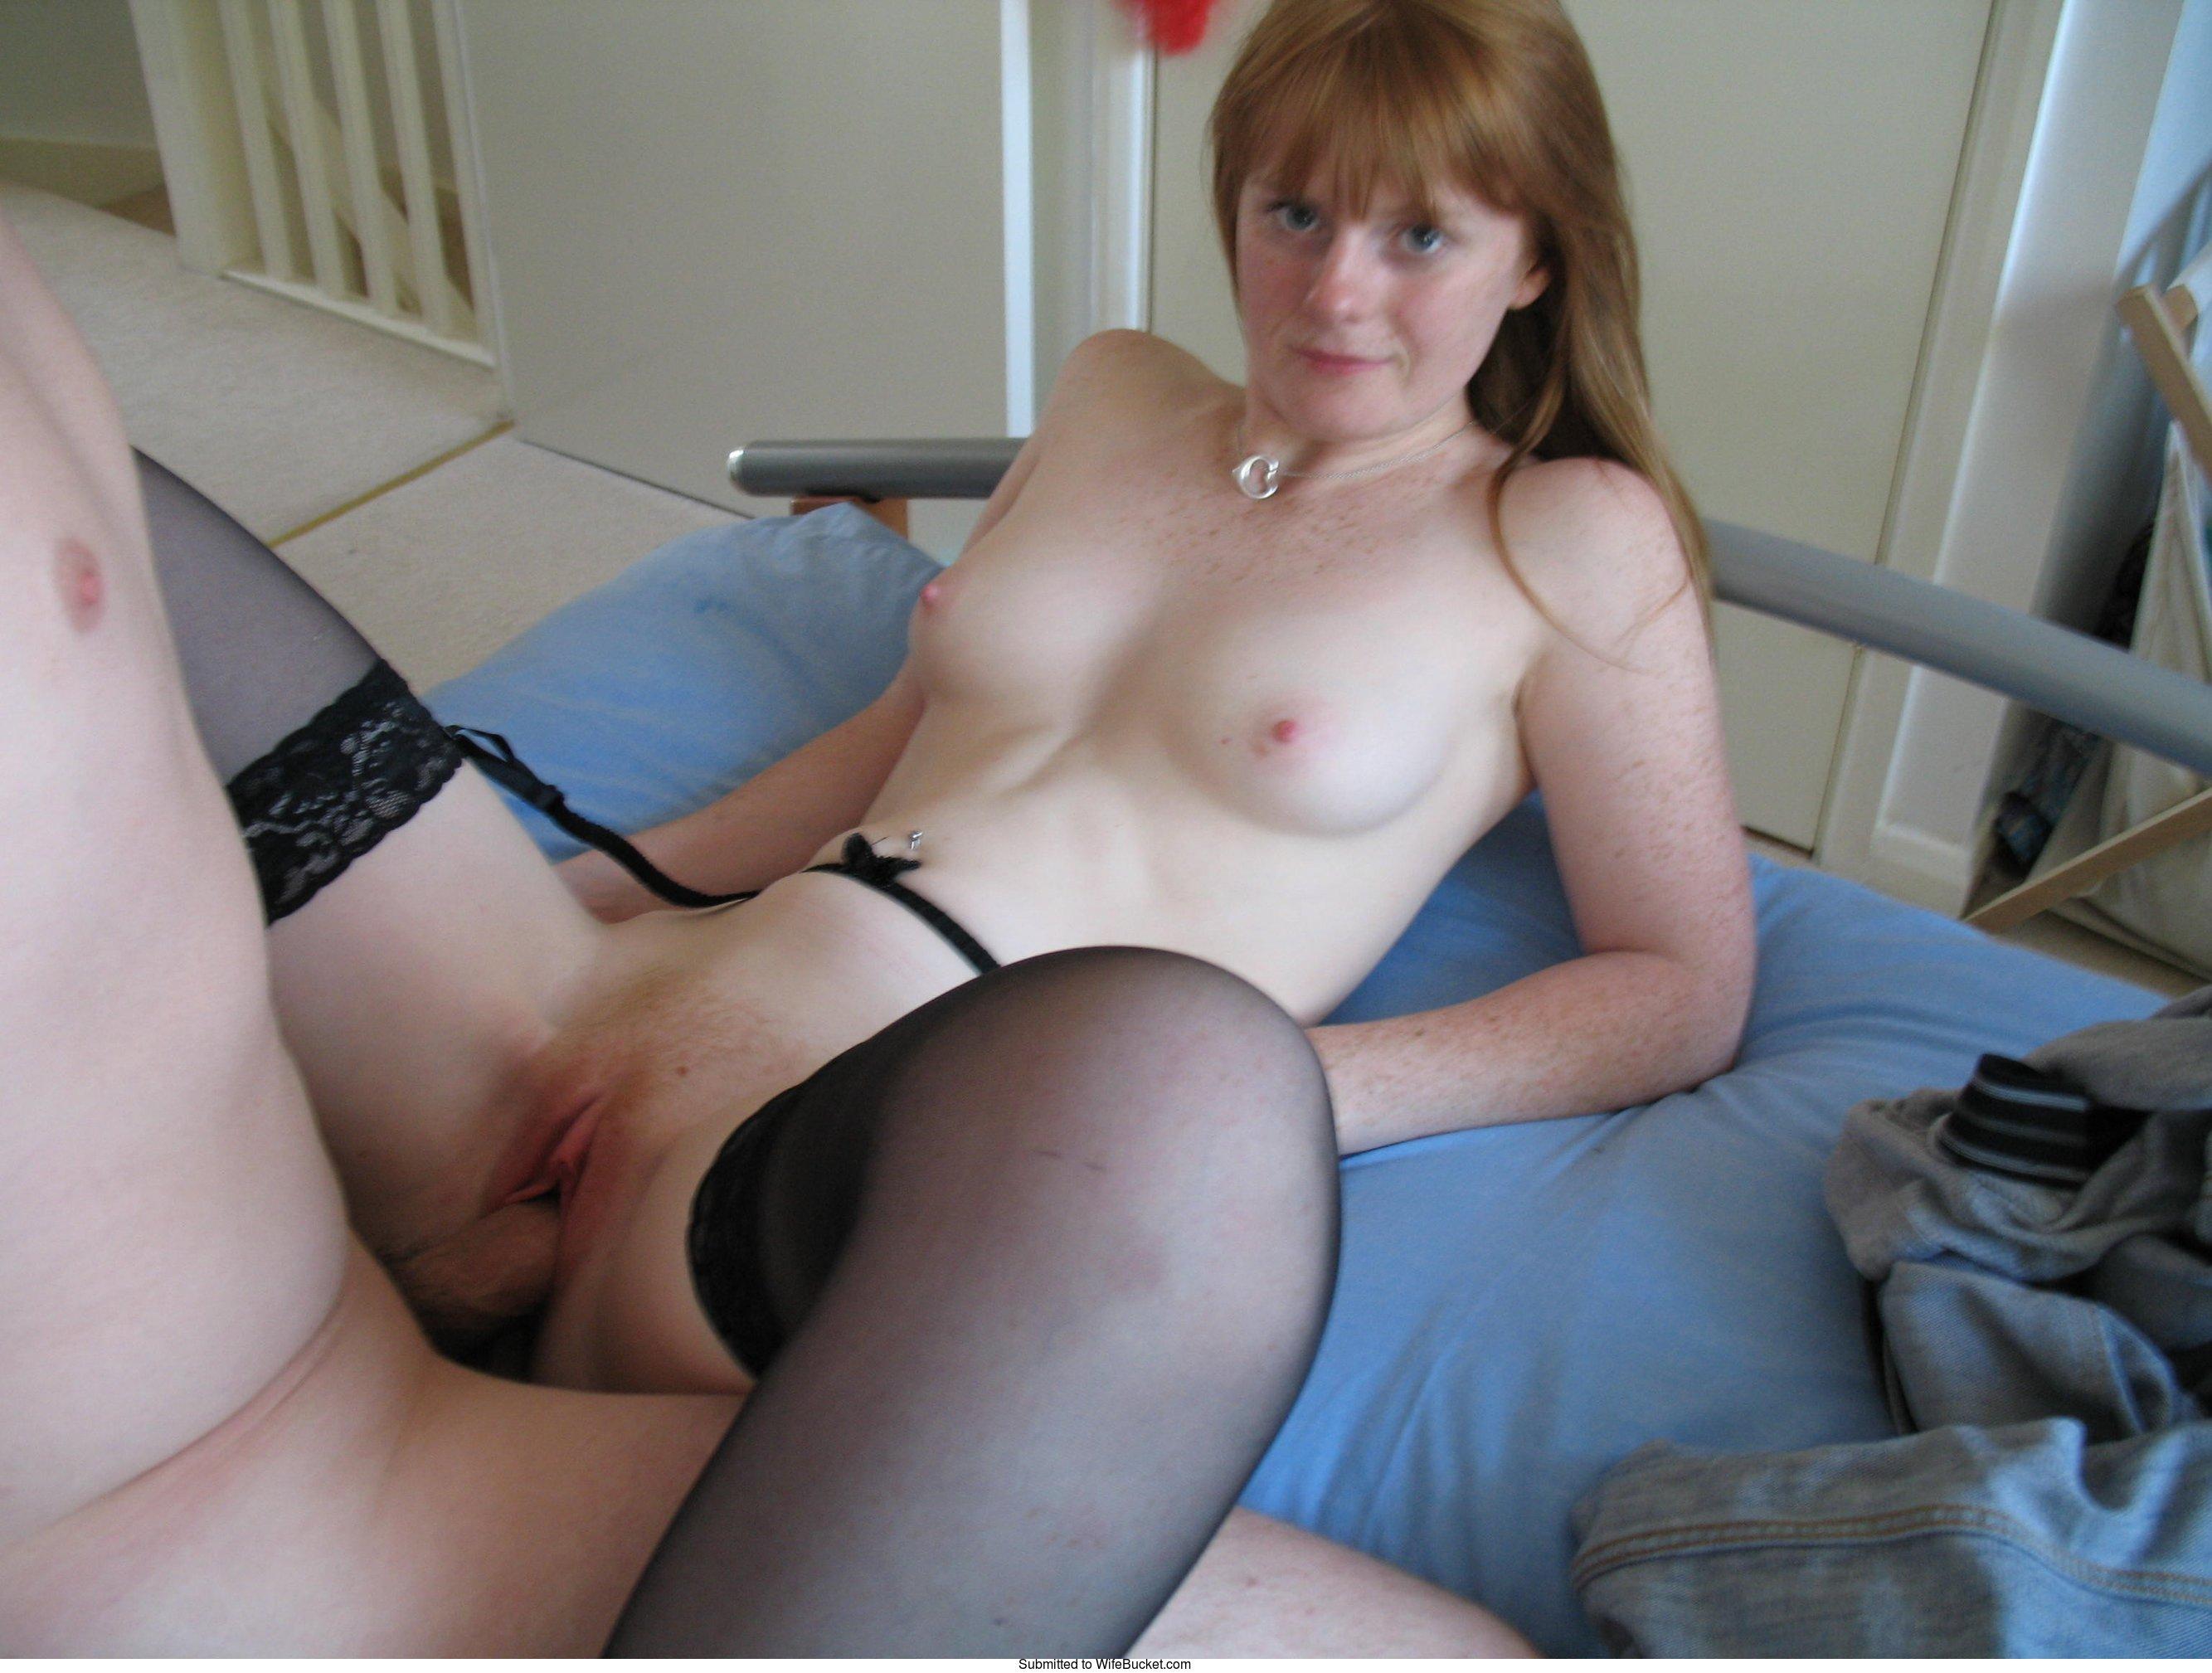 Double amputee girl fucked porn